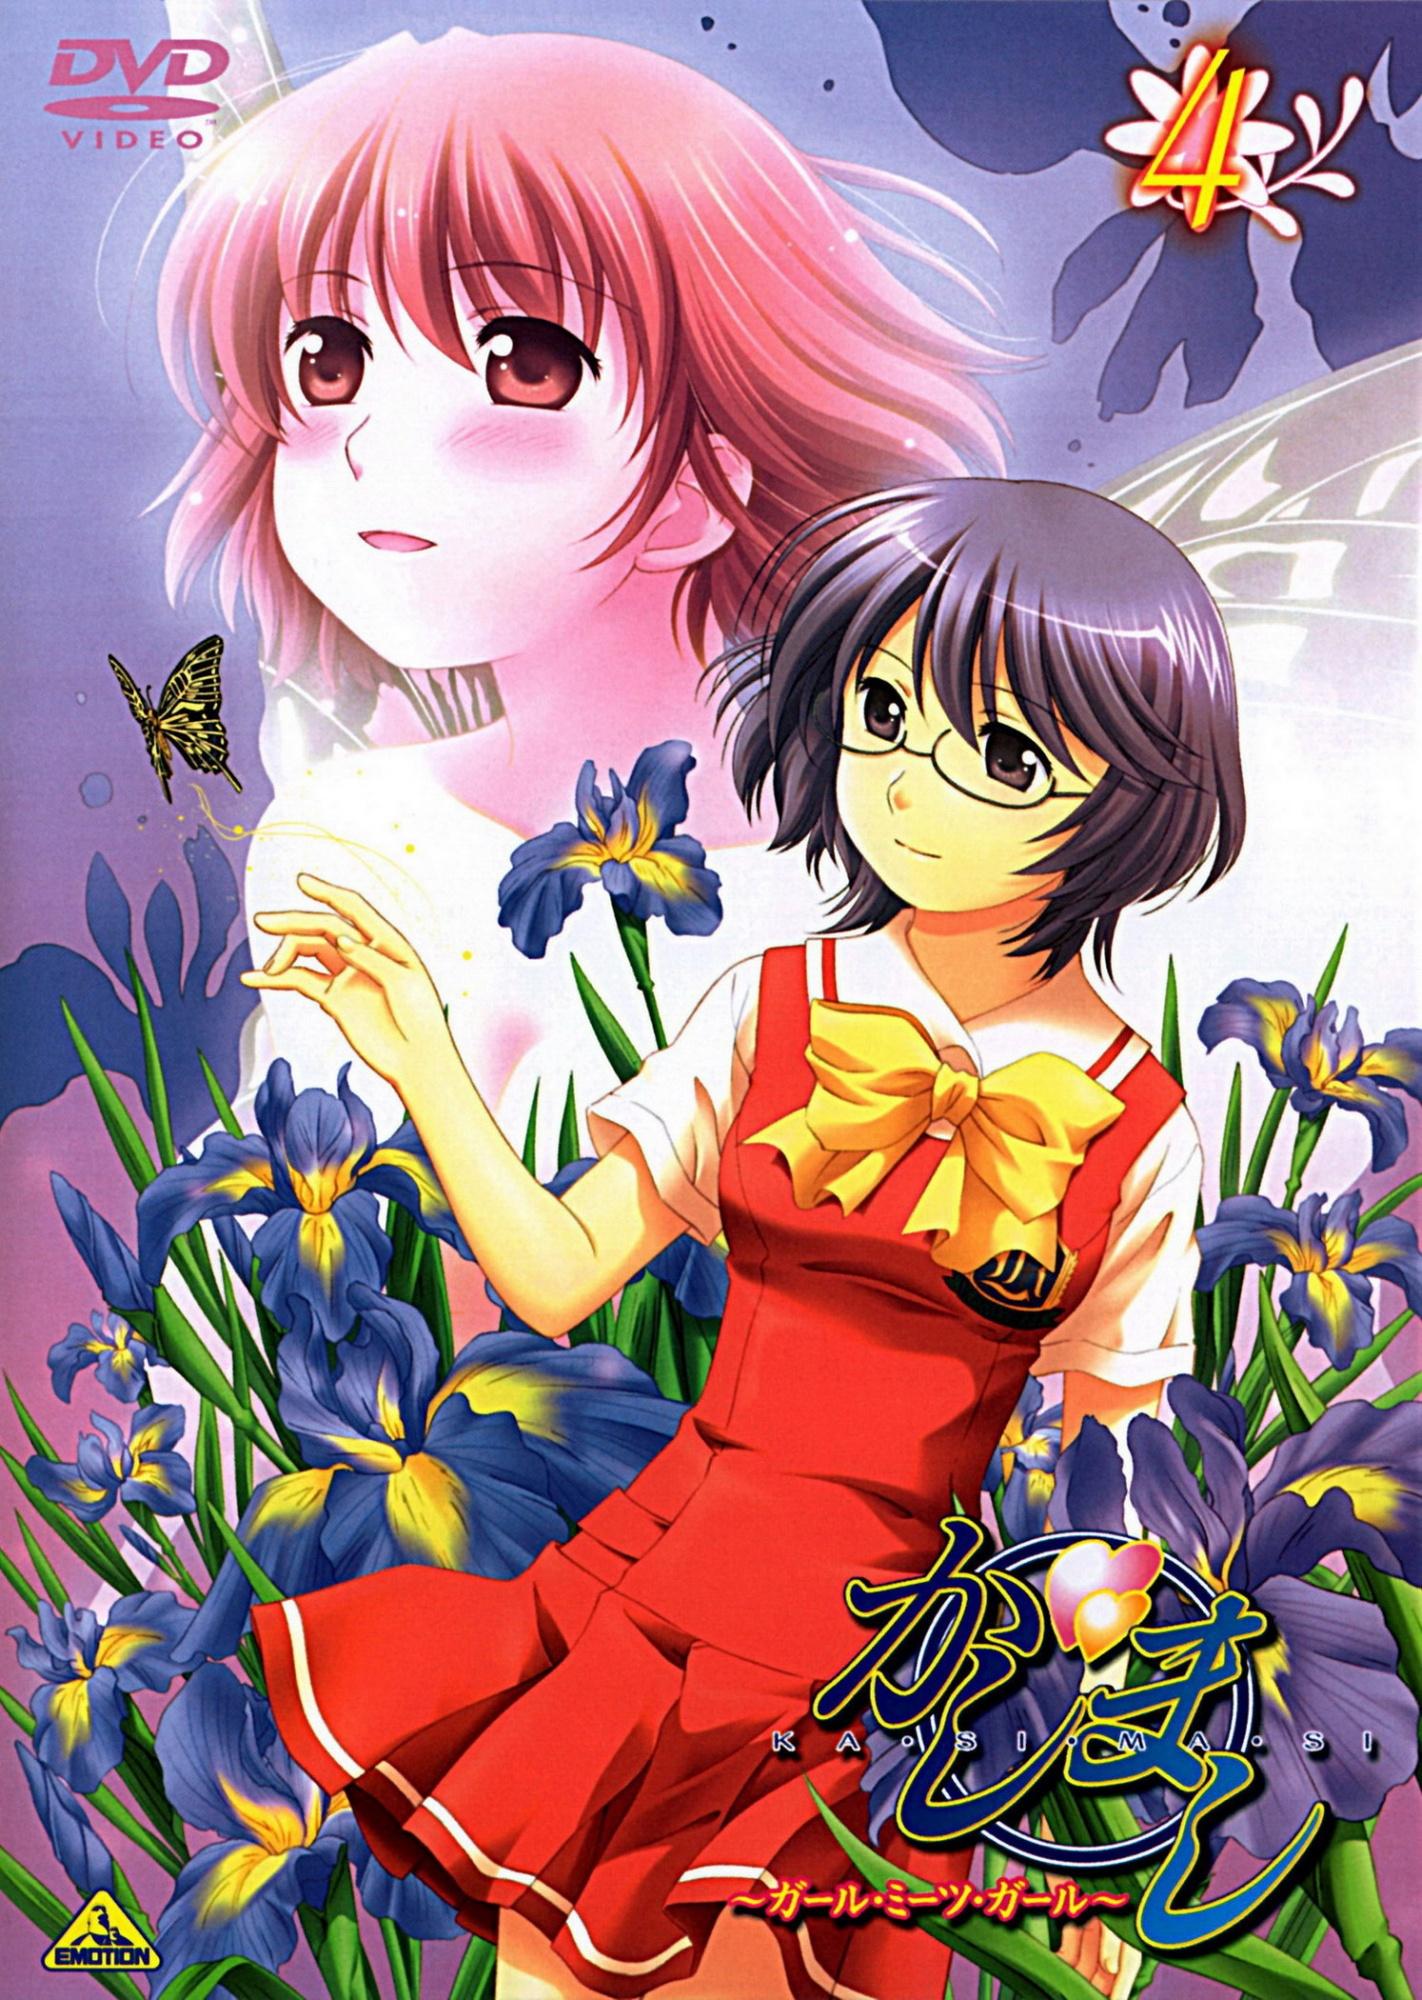 Gallery: Kashimashi girl meets girl manga watch anime